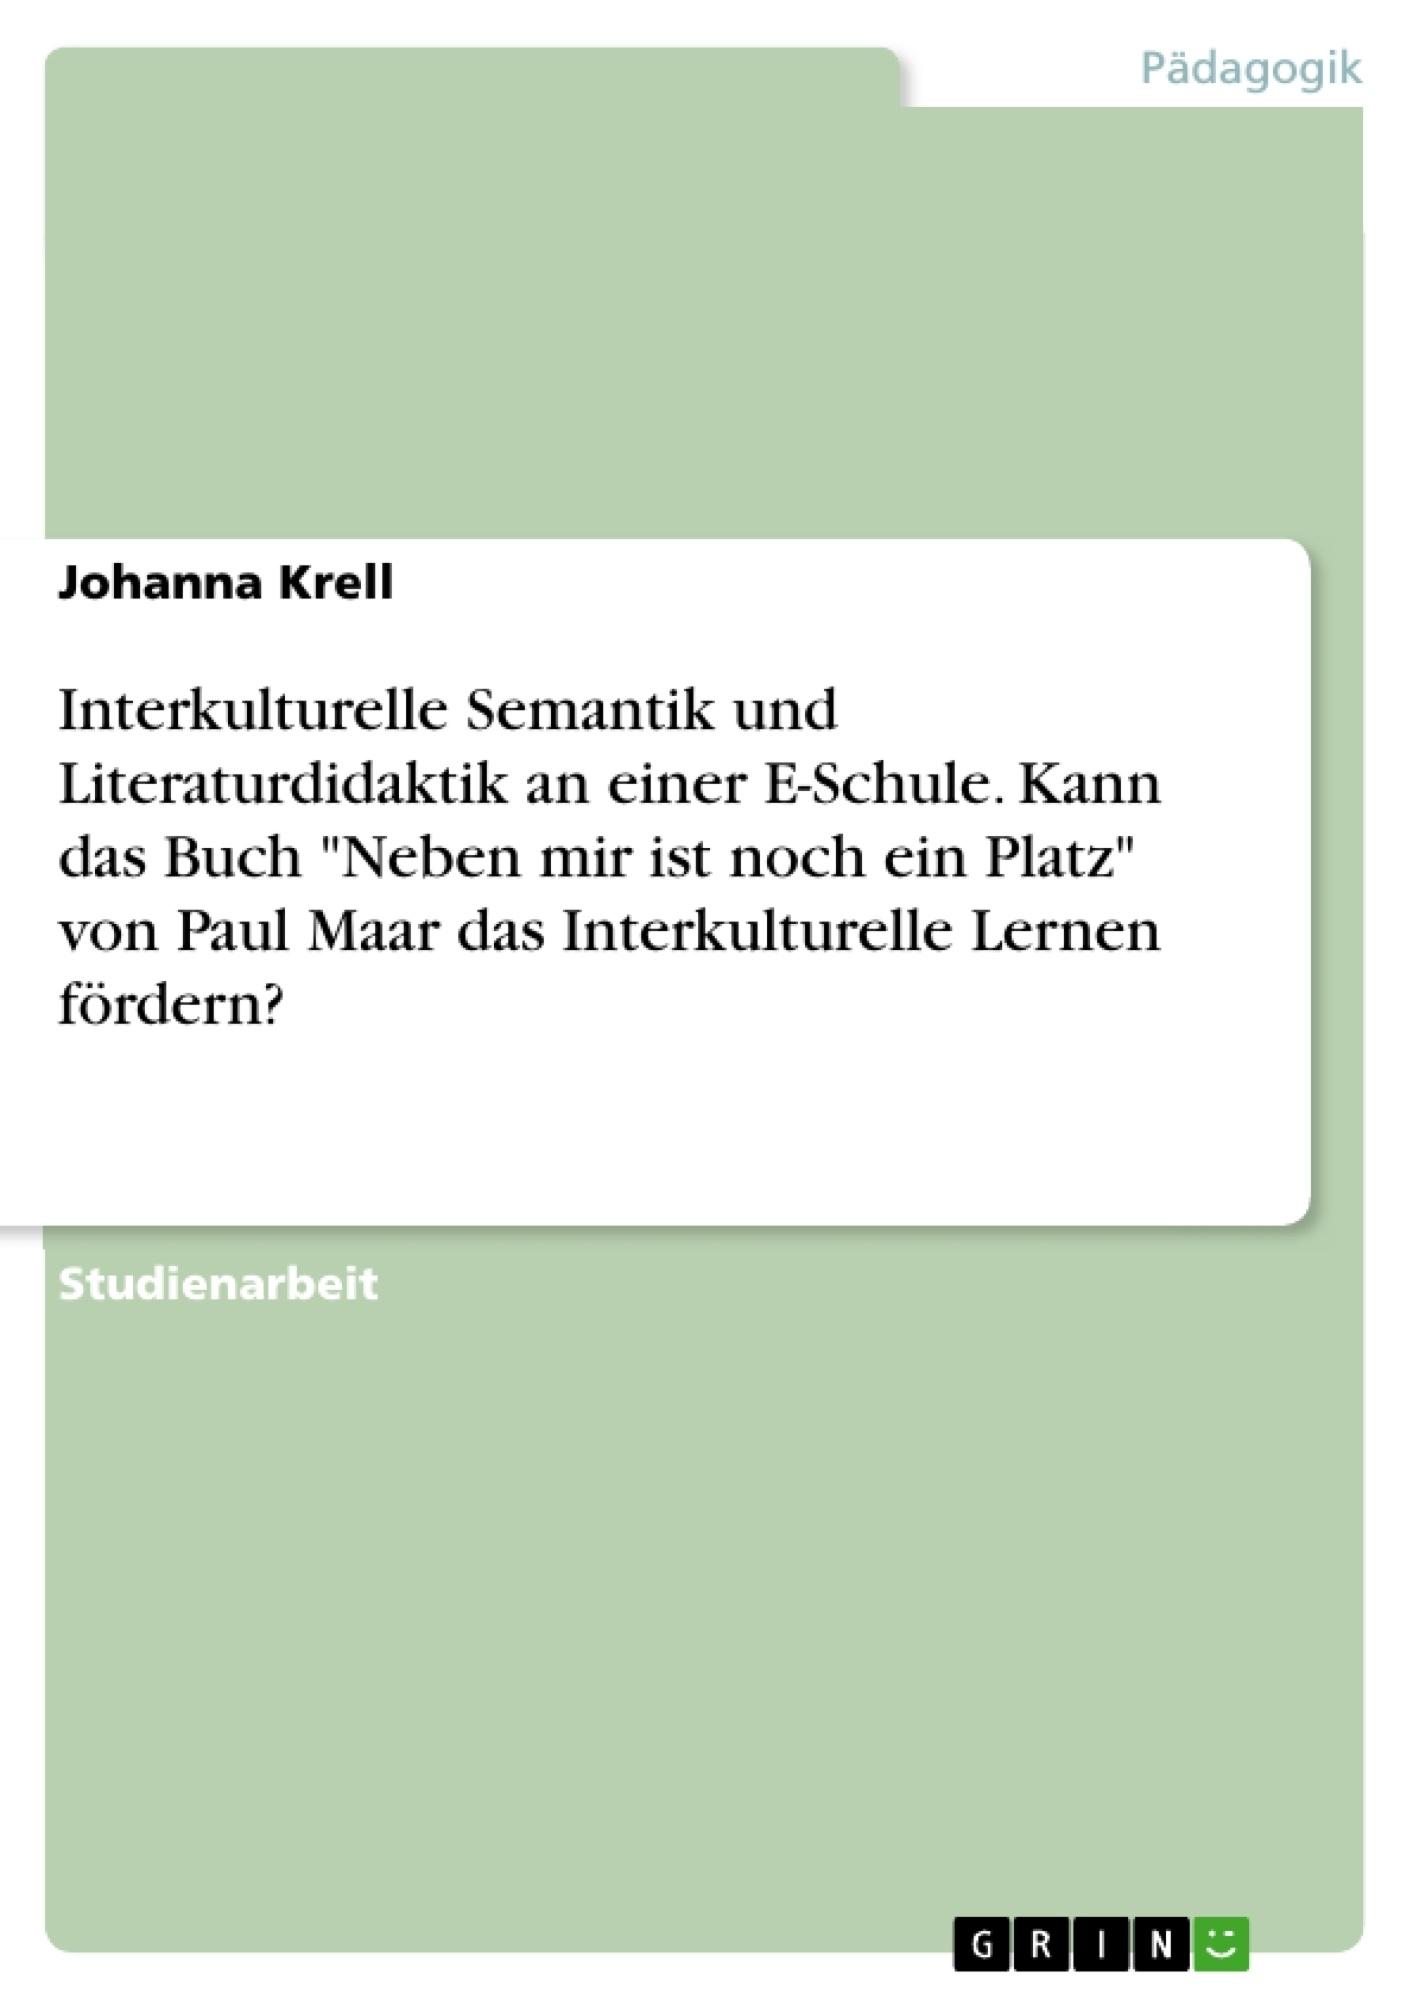 """Titel: Interkulturelle Semantik und Literaturdidaktik an einer E-Schule. Kann das Buch """"Neben mir ist noch ein Platz"""" von Paul Maar das Interkulturelle Lernen fördern?"""